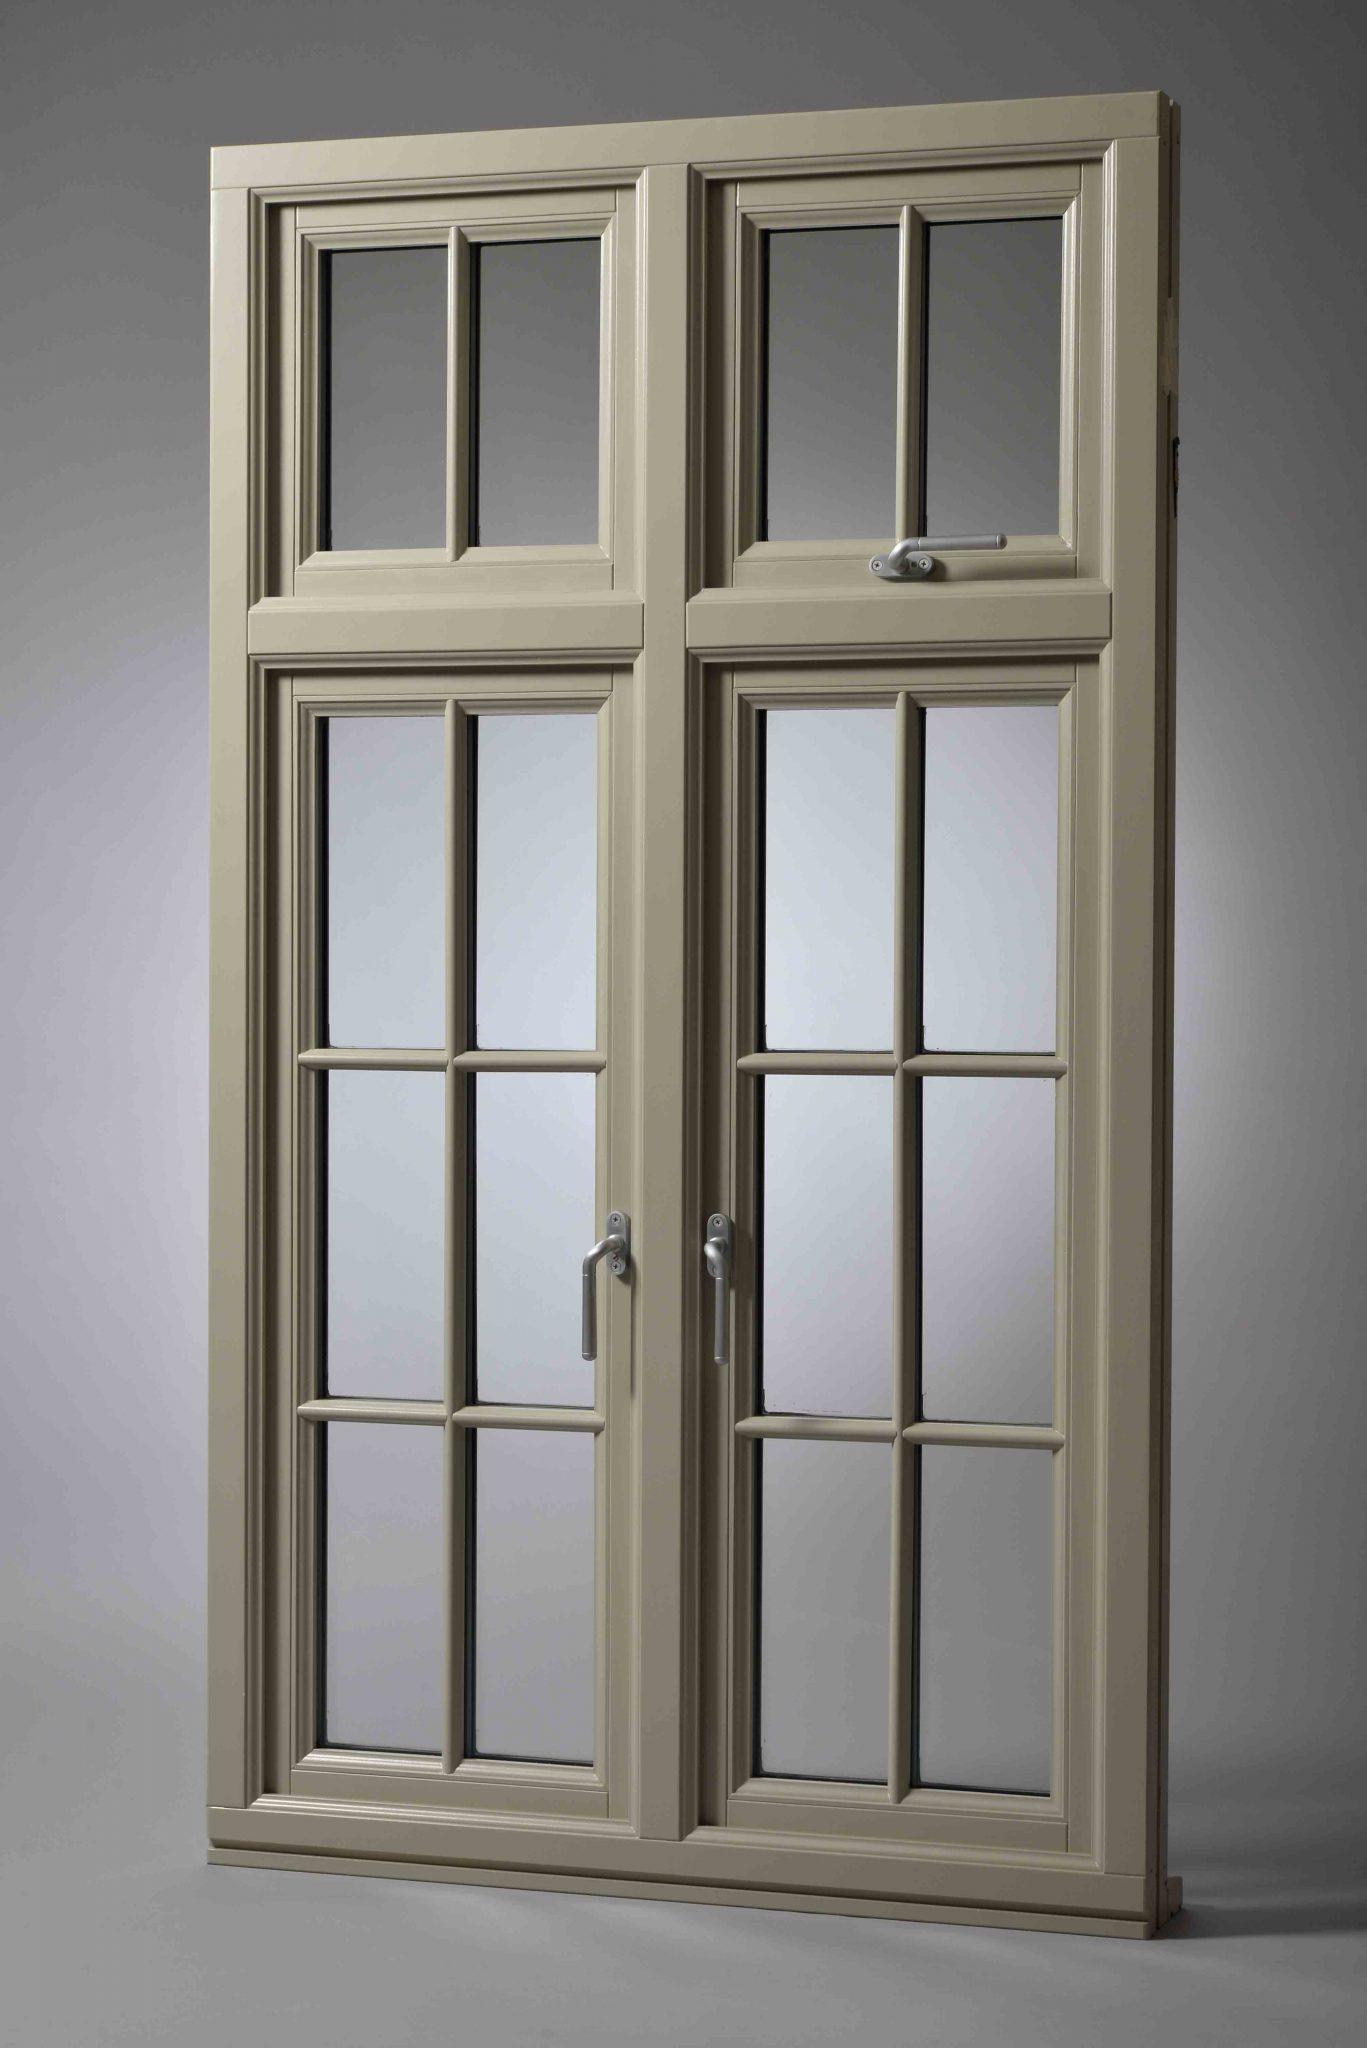 Timber Flush Casement Window